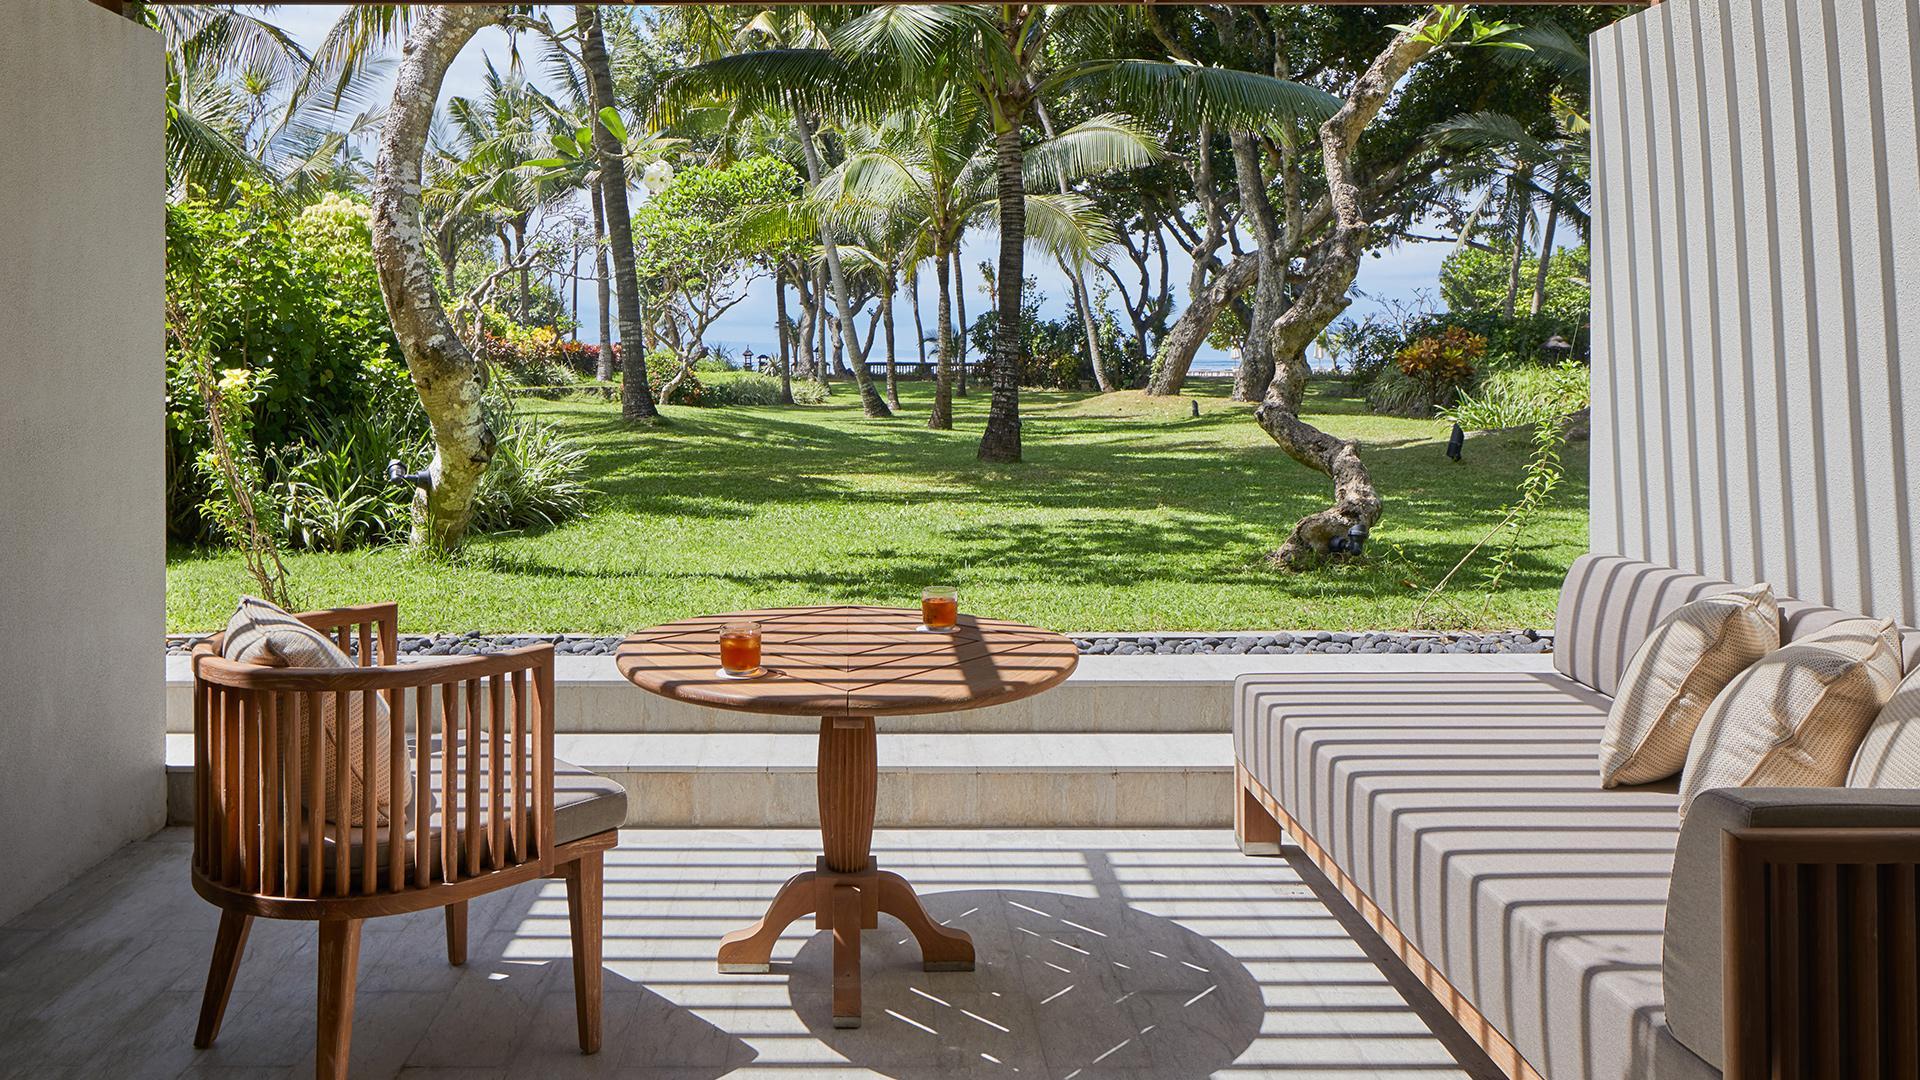 Premium Room image 1 at Hyatt Regency Bali by Kota Denpasar, Bali, Indonesia